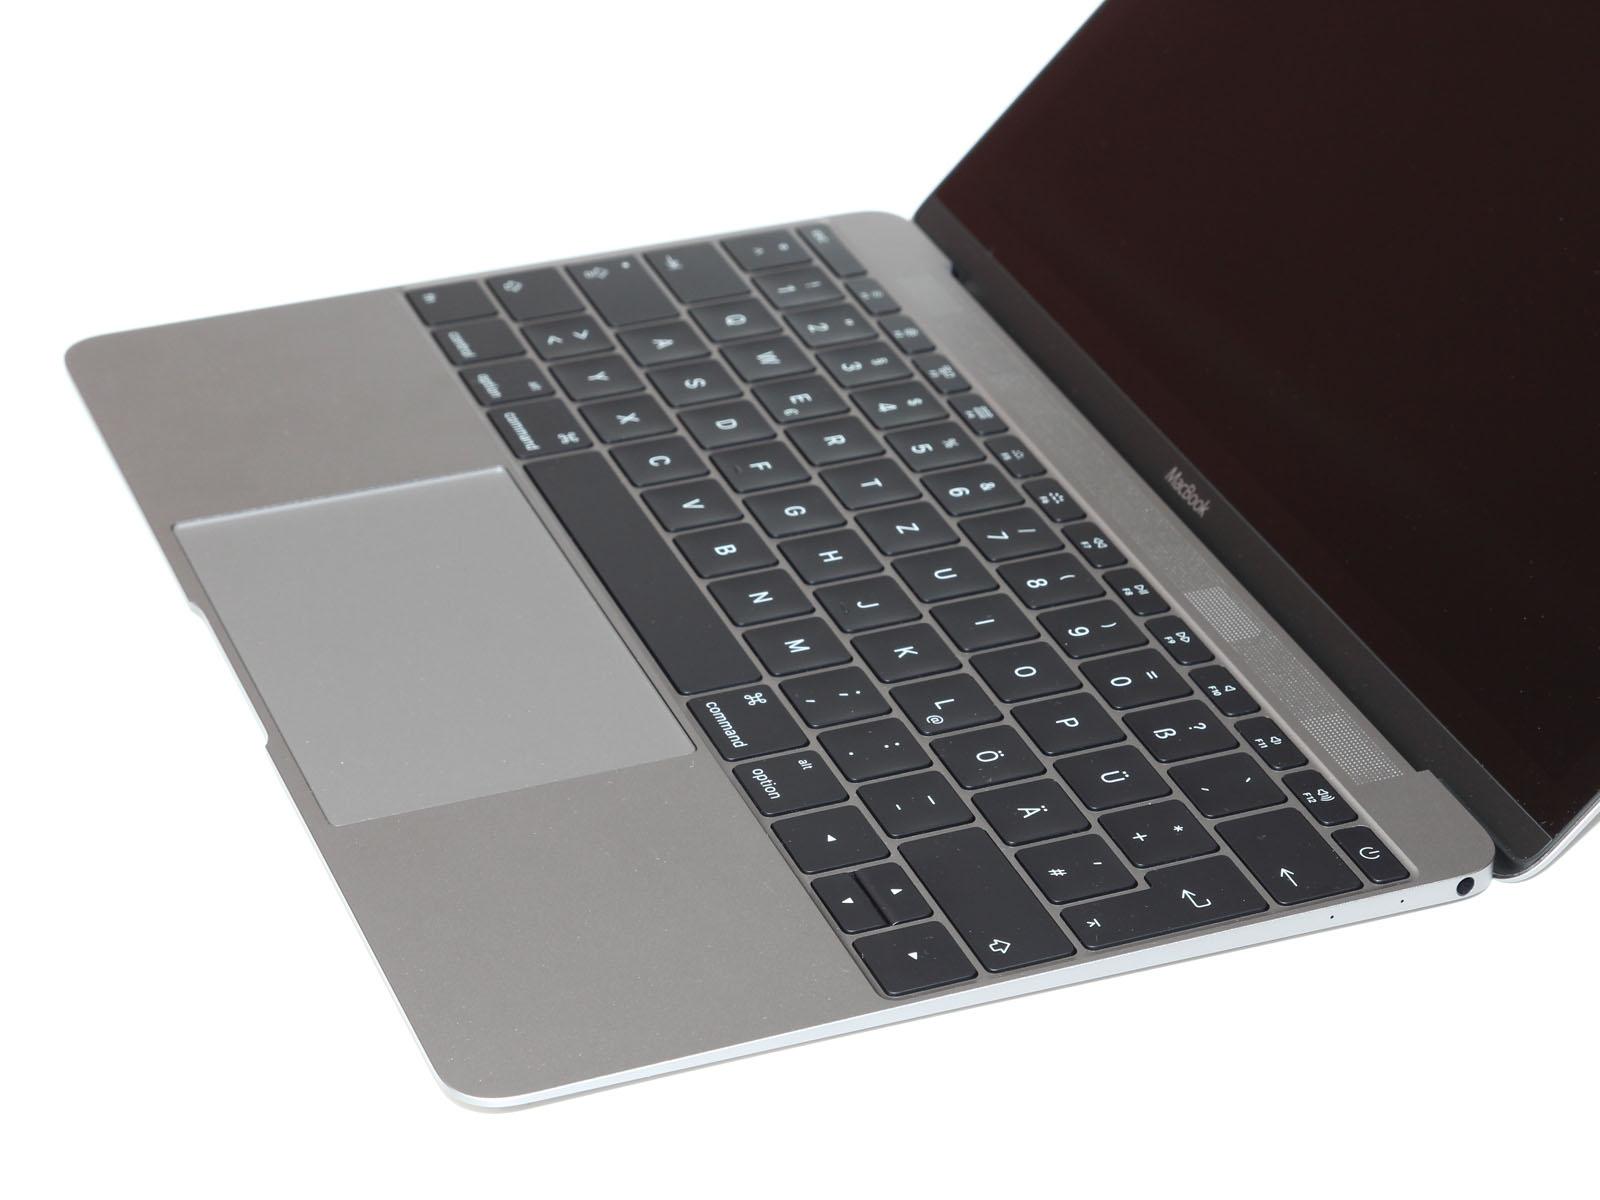 macbook-12-2015-core-m